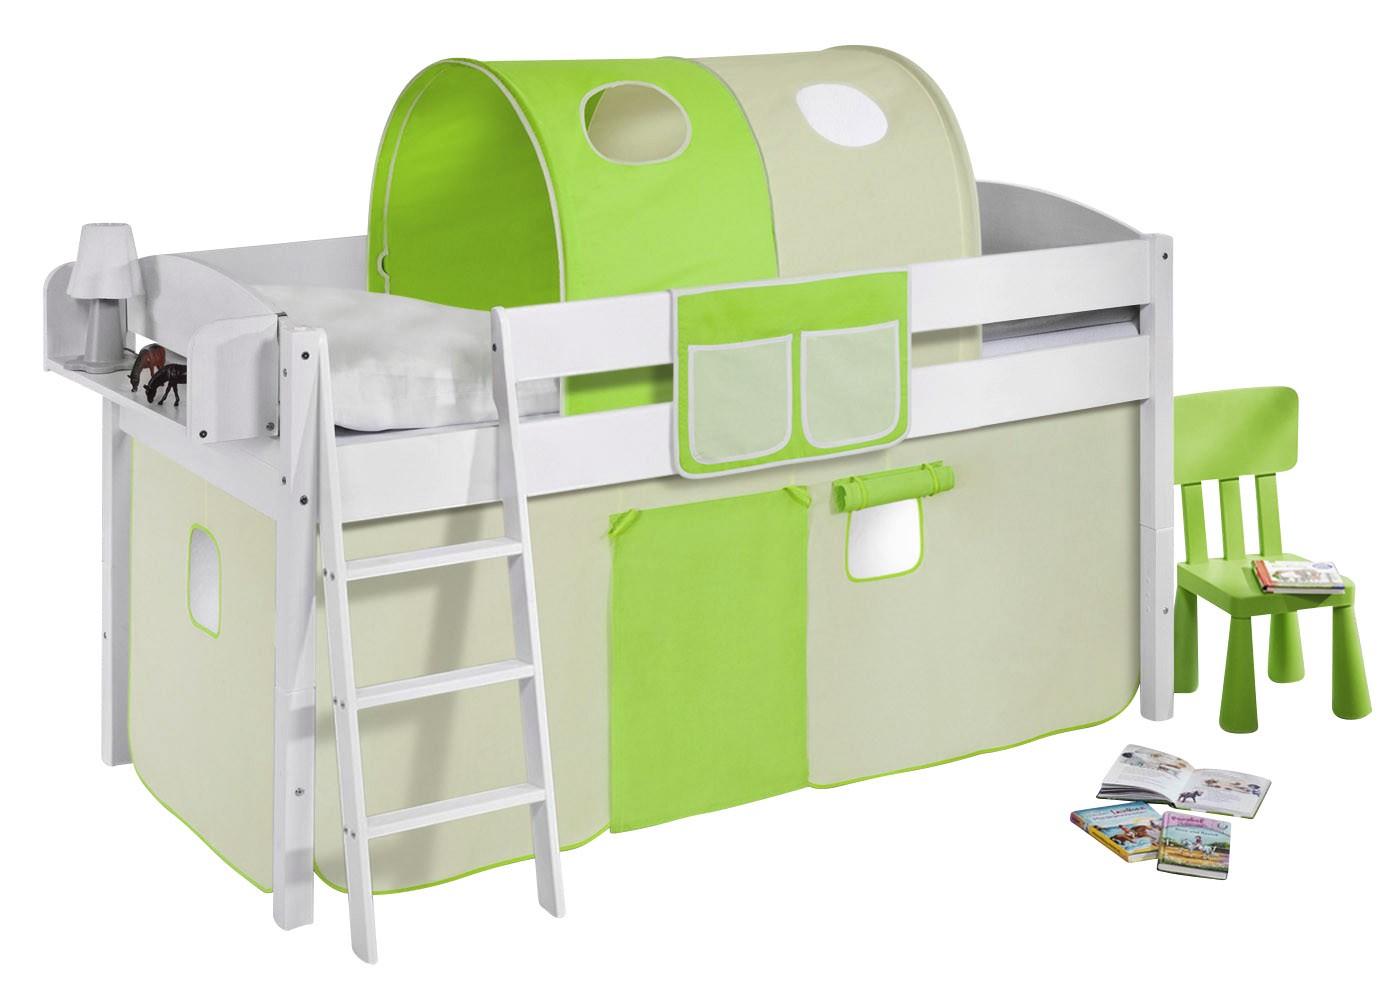 Etagenbett Jelle : Kinderzimmer online günstig kaufen über shop24.at shop24